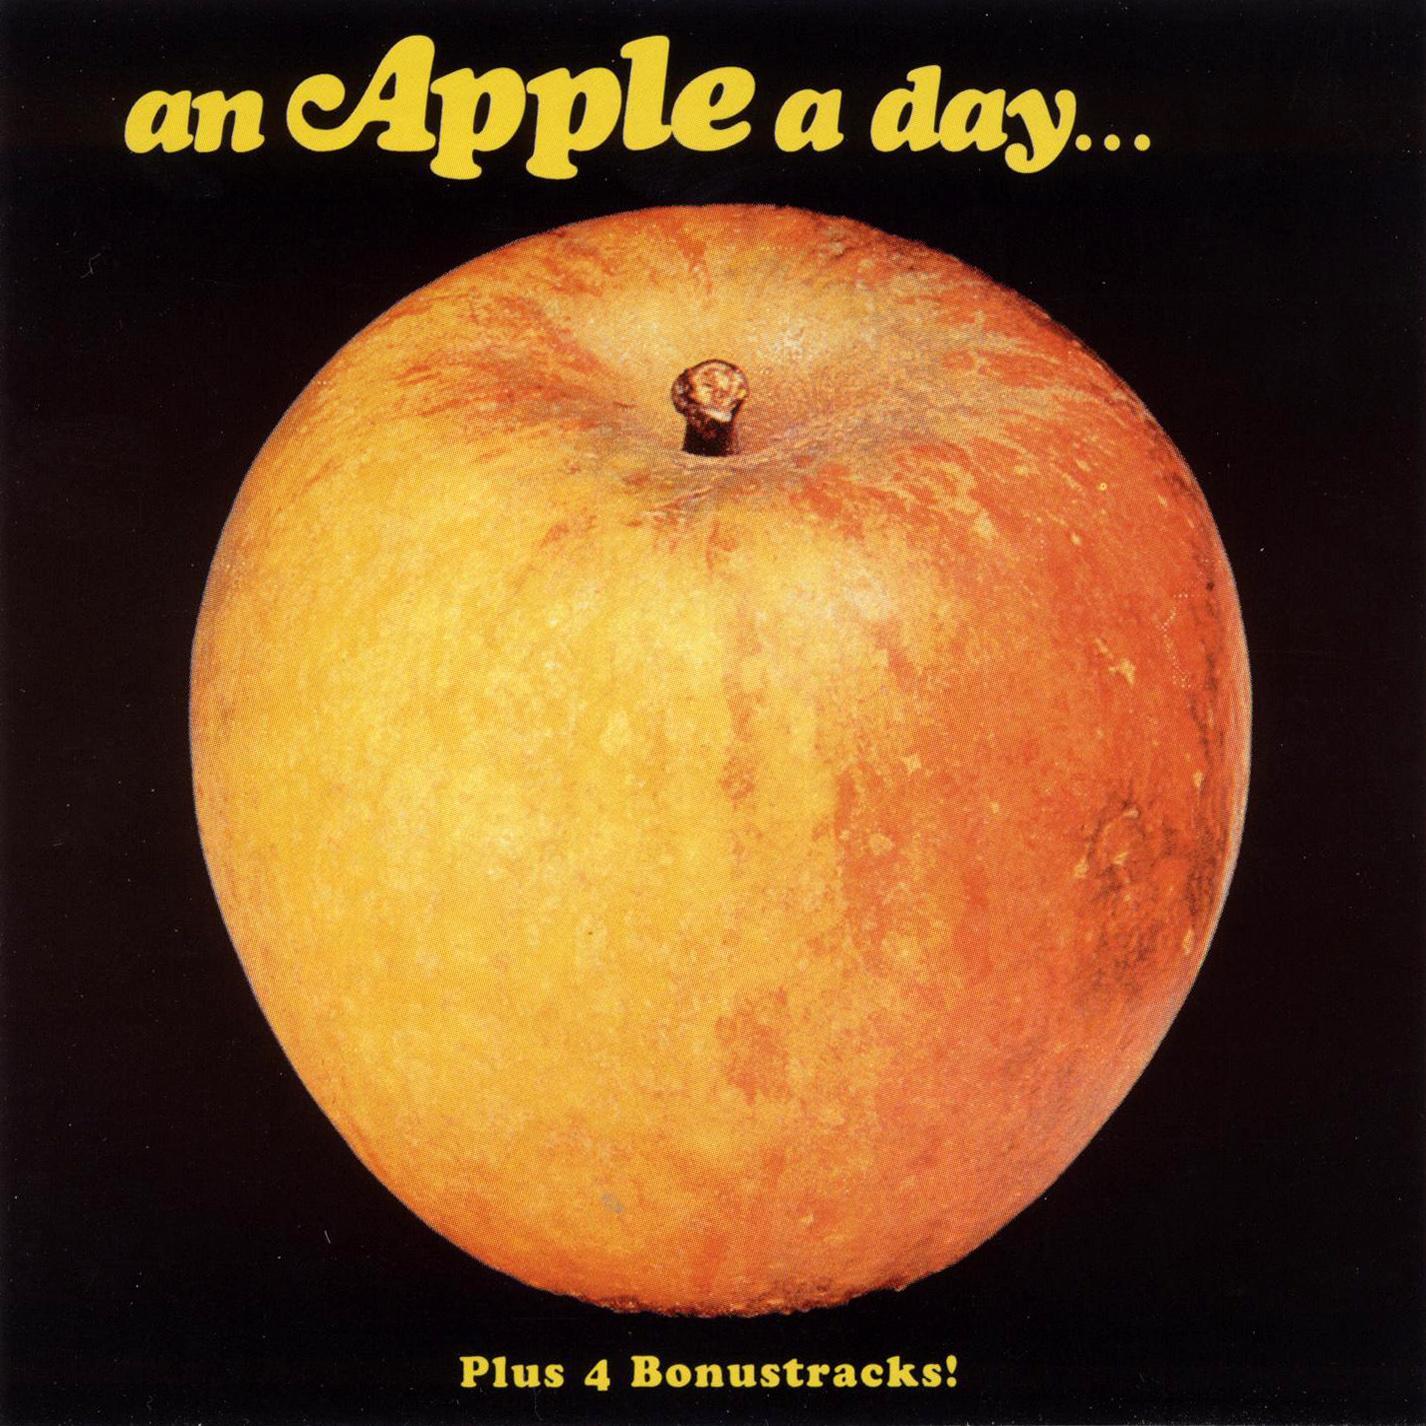 FLOOR =-: Apple - An Apple A Day (1969)